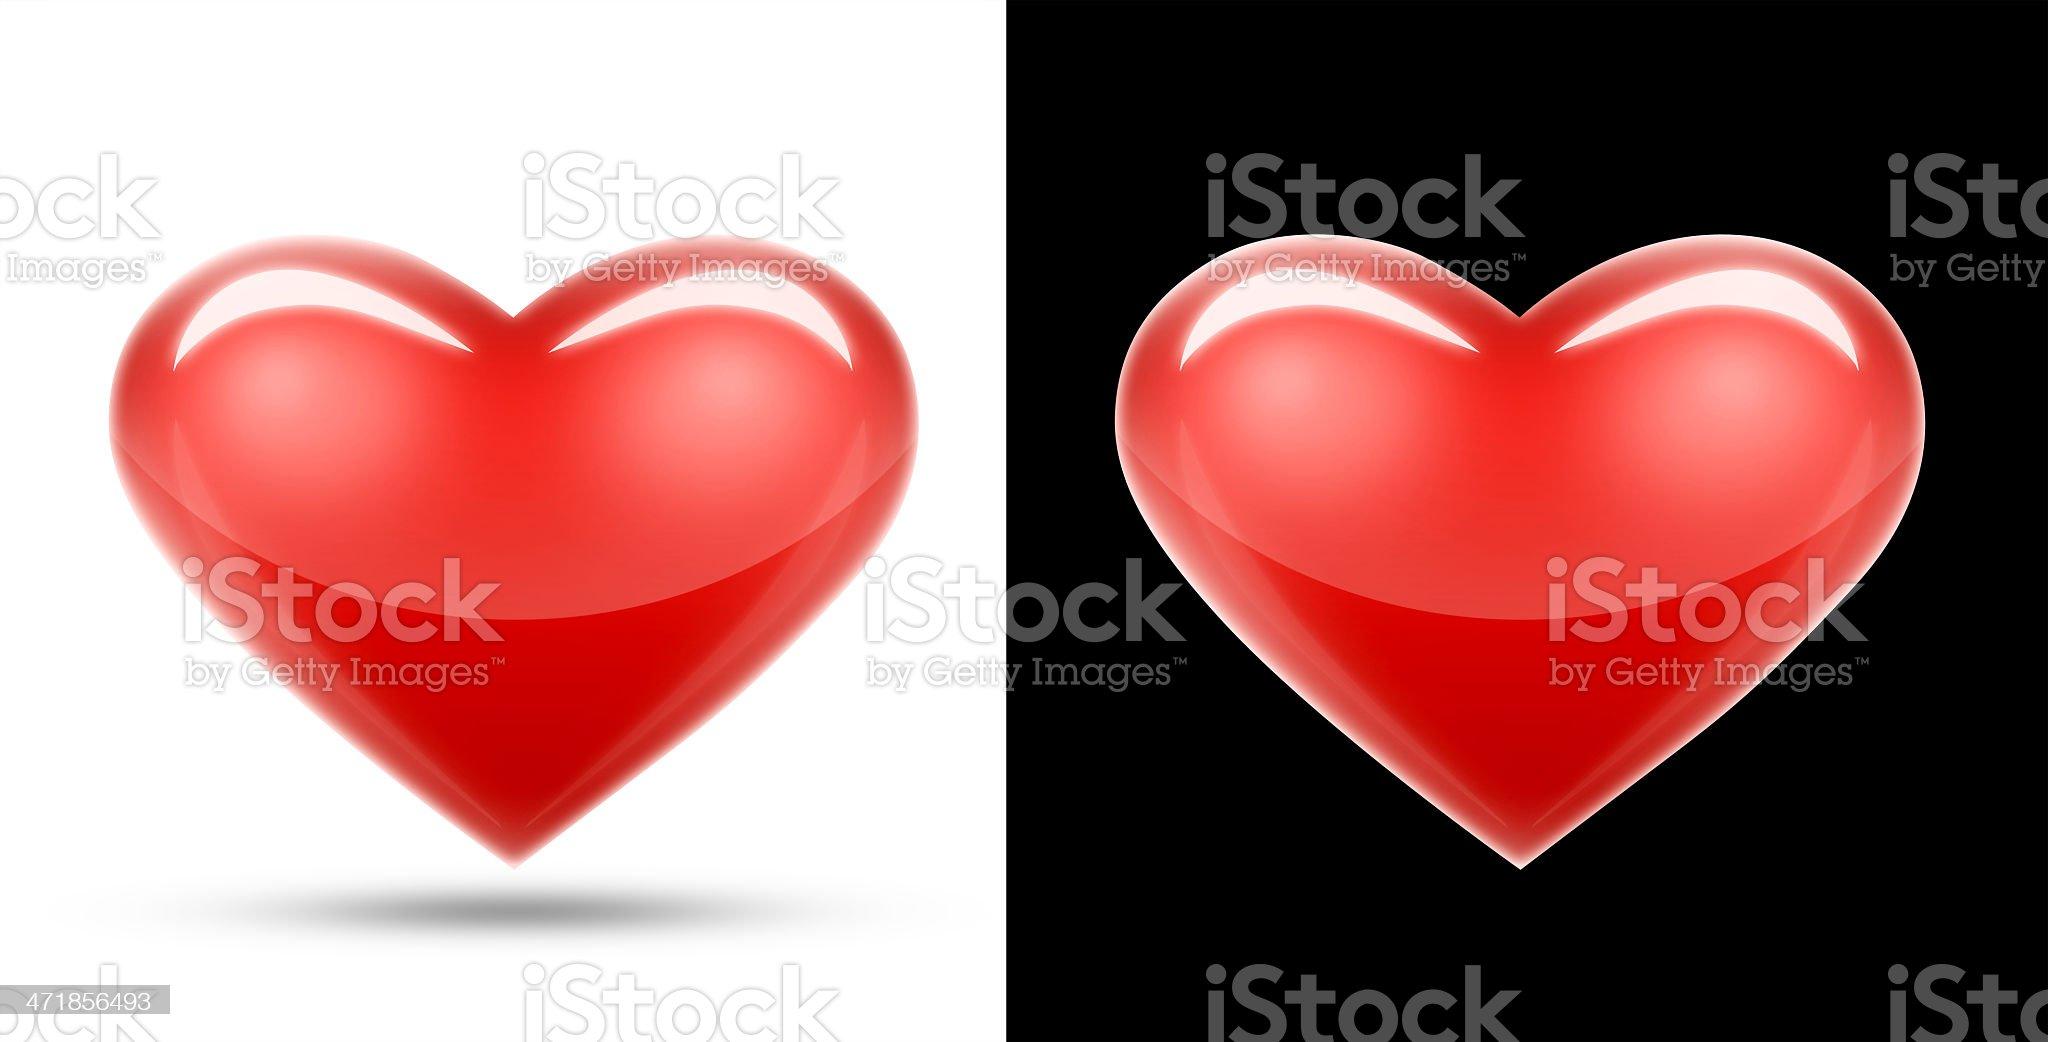 Love Heart royalty-free stock photo